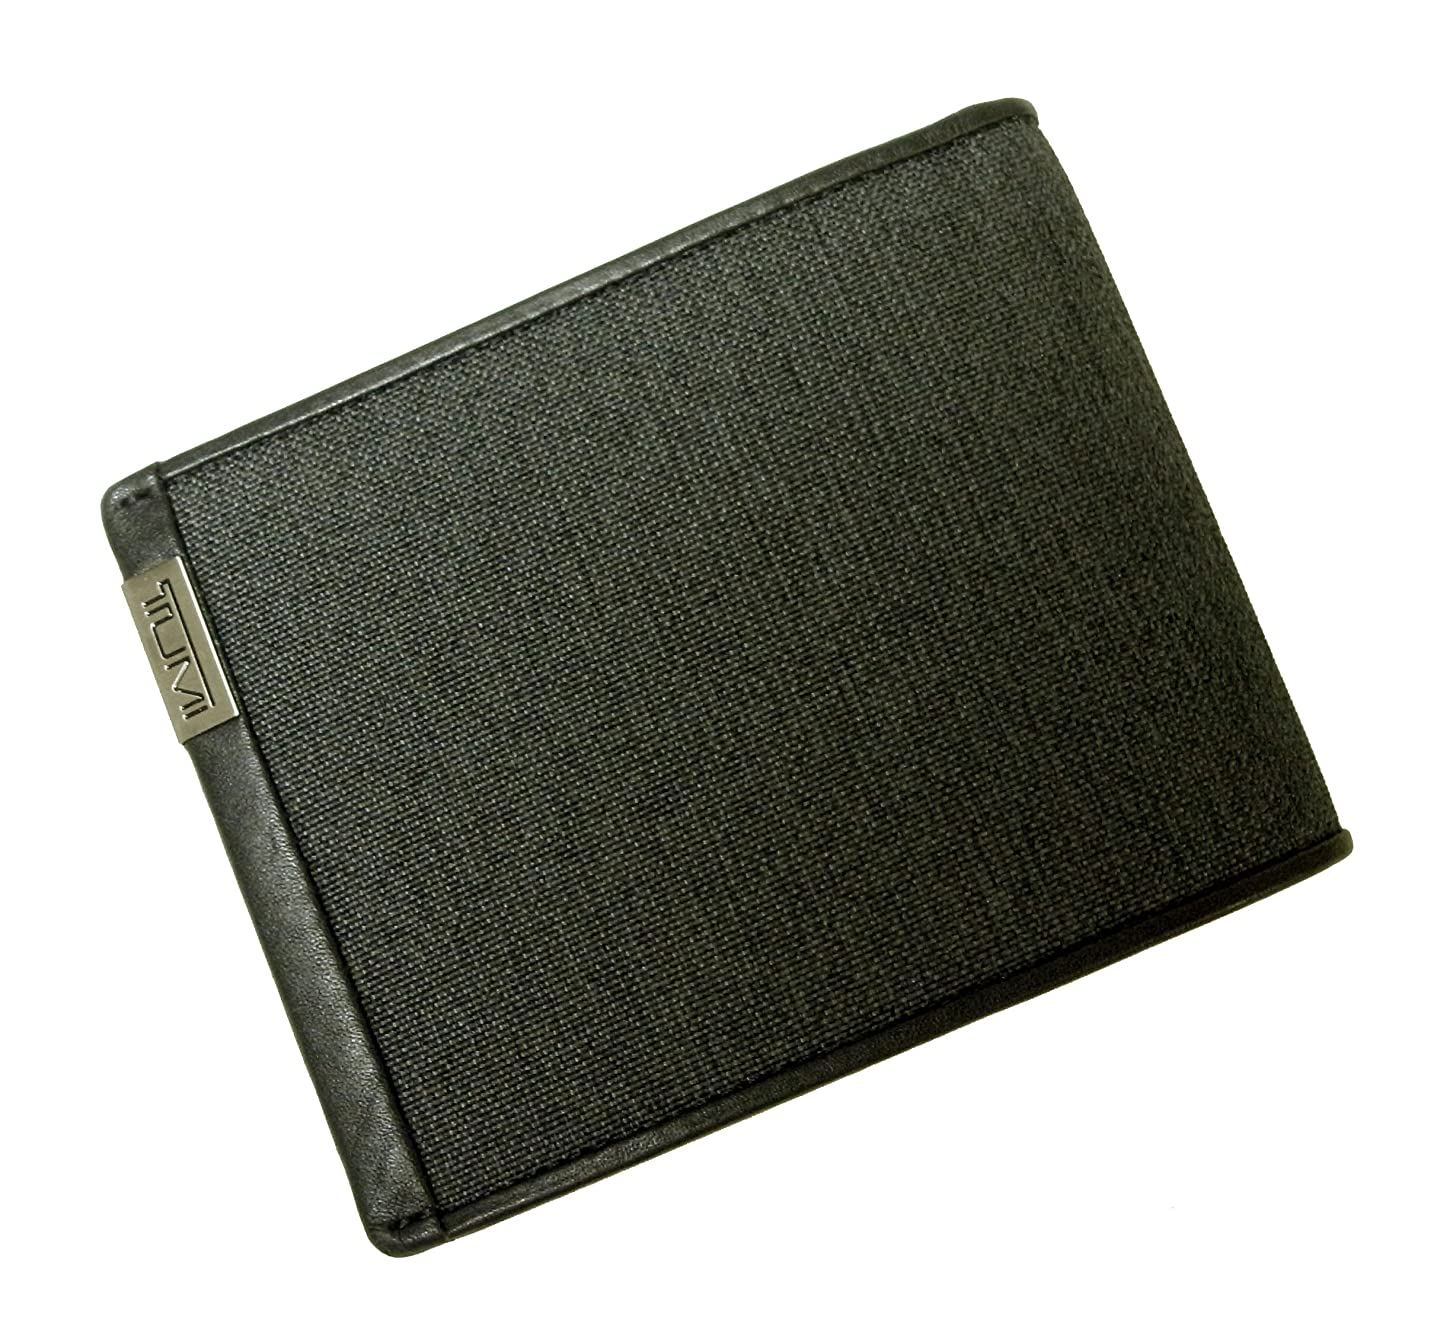 いま住所同性愛者[トゥミ] 財布 メンズ ALPHA 二つ折り (ダークグレー)ファブリック 119237ATD TM-324 [並行輸入品]